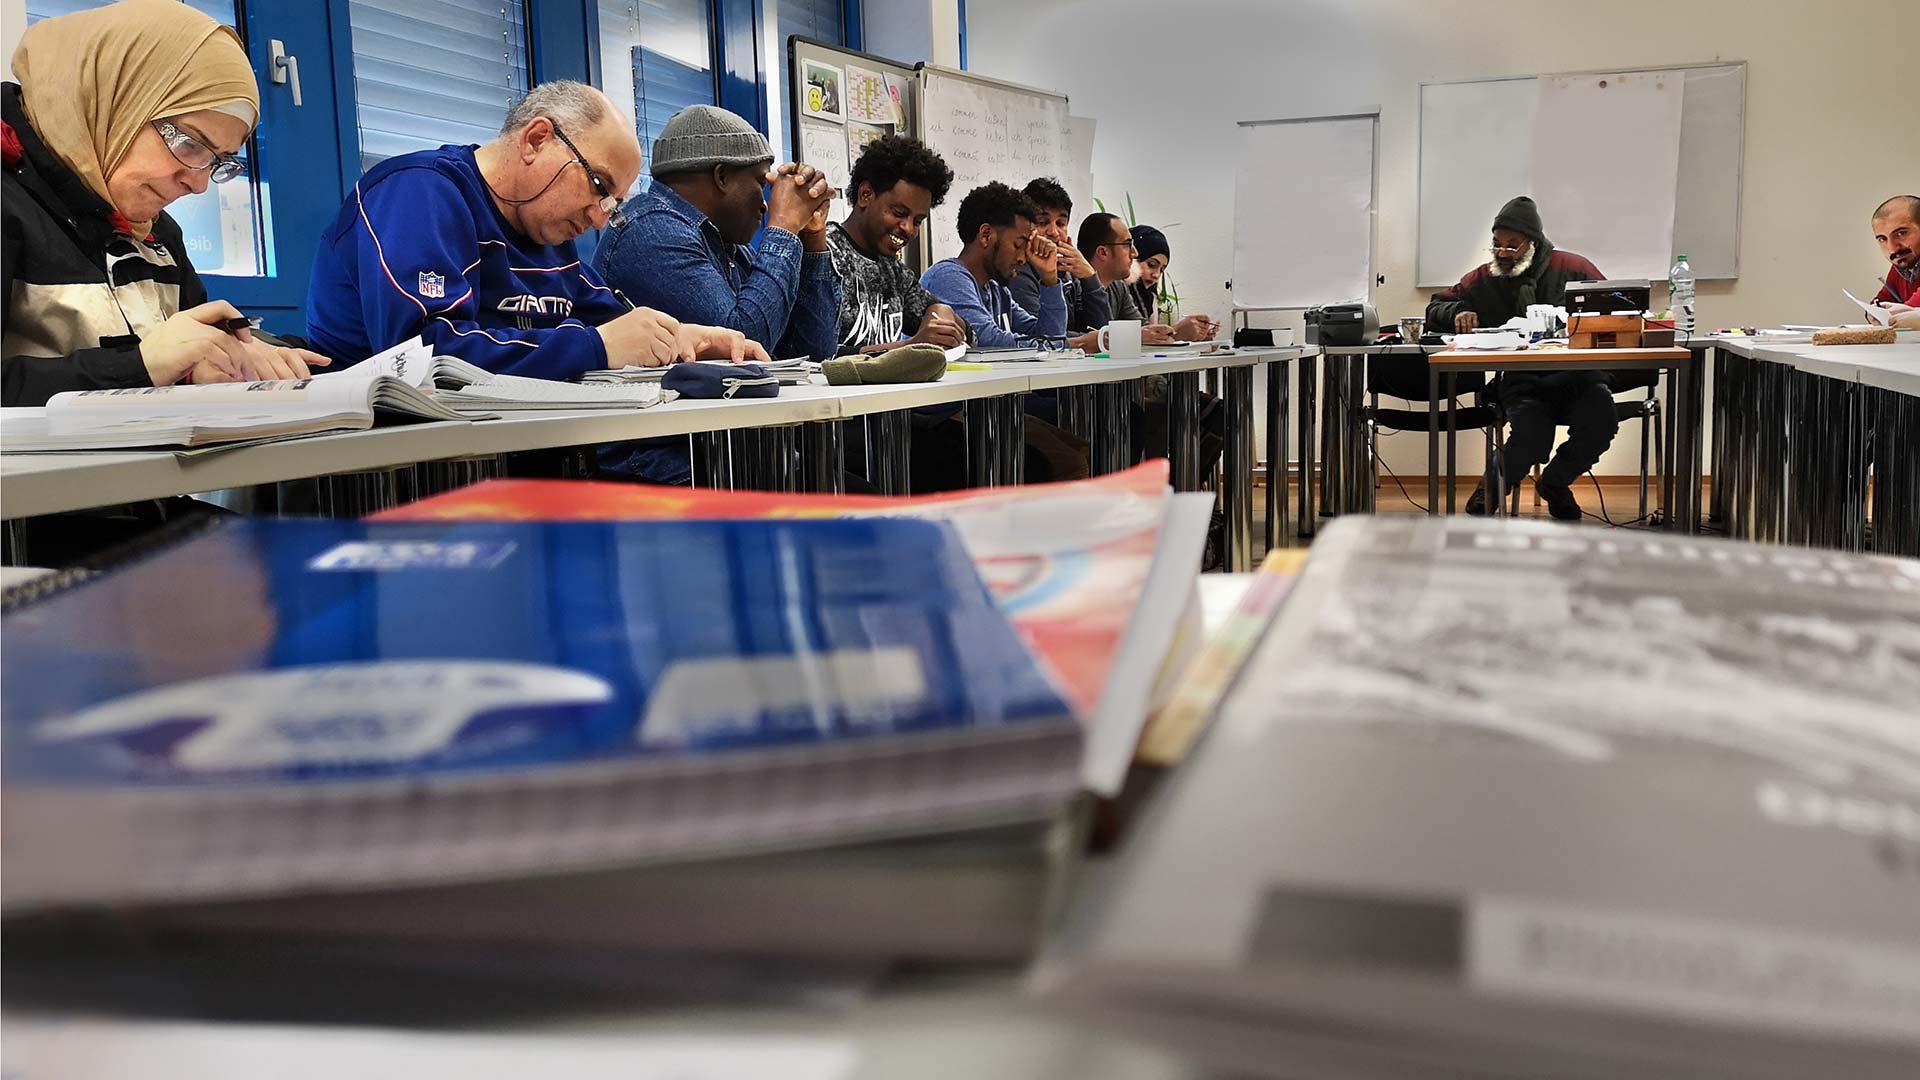 Debat over de wachtlijsten voor inburgeringscursussen